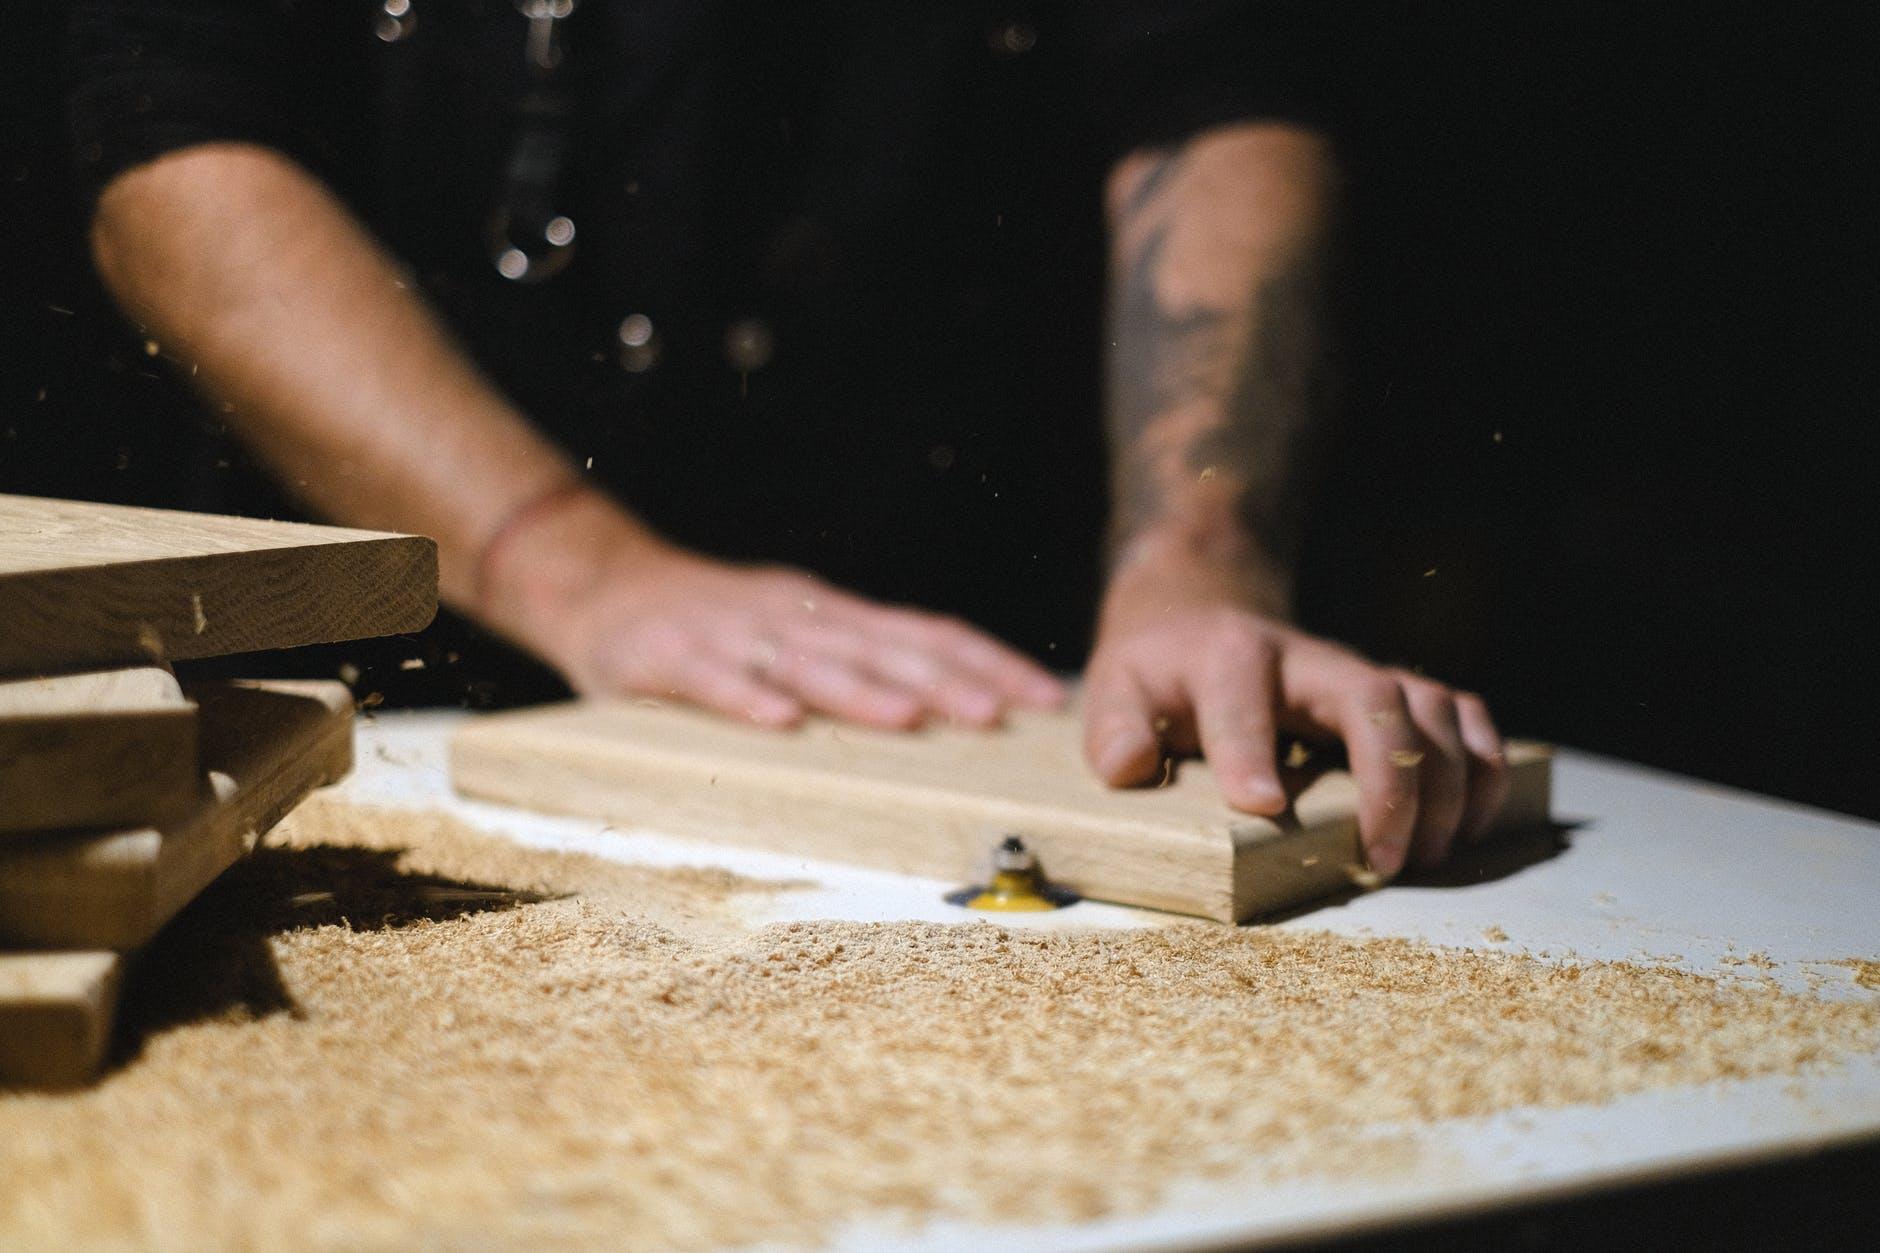 Quá trình chế biến gỗ sinh ra bụi